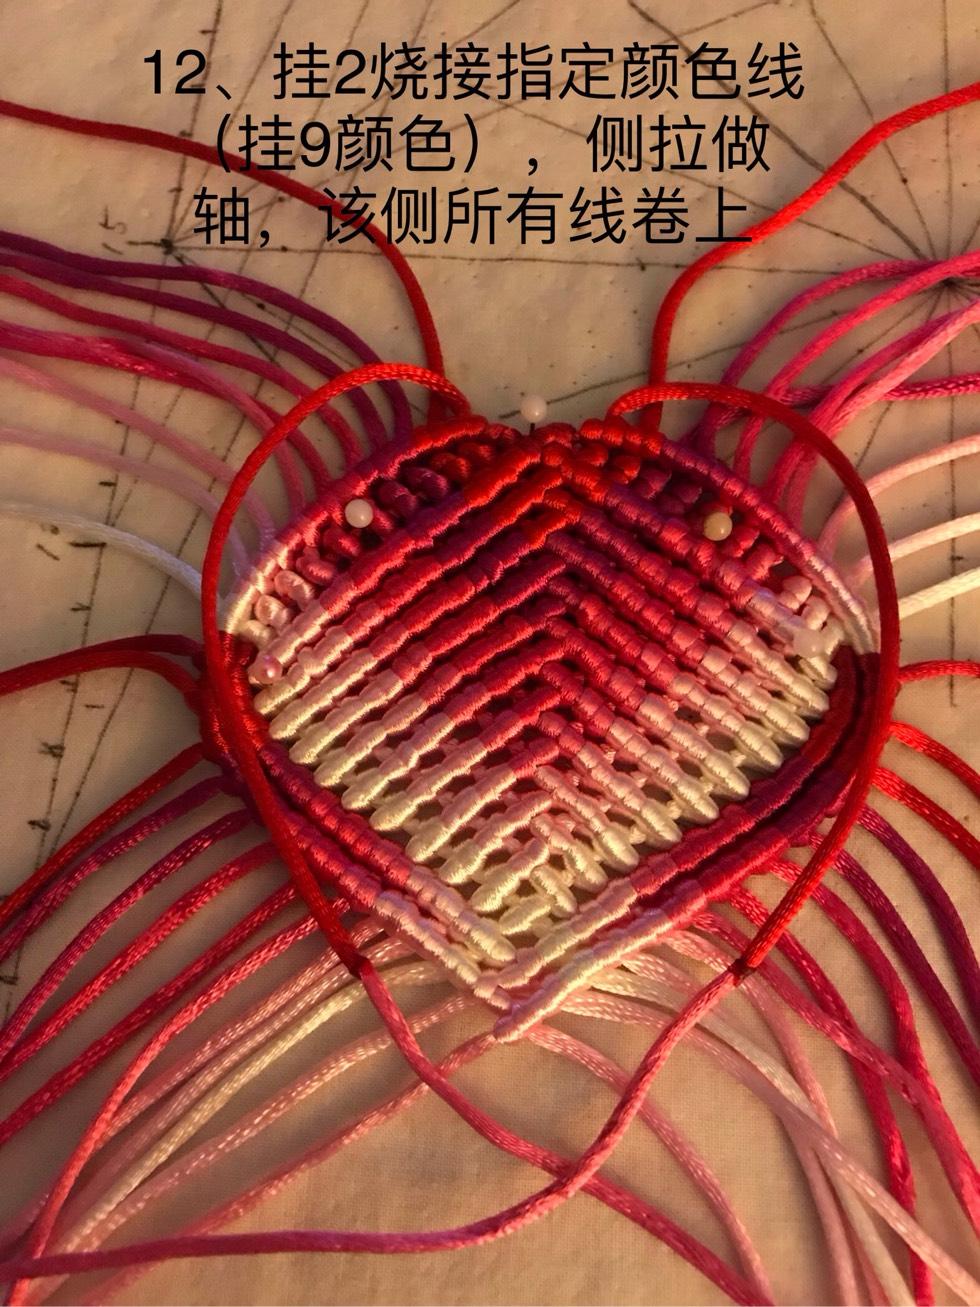 中国结论坛 彩色寿桃过程记录  图文教程区 195100ug4h1ekqhpqekeq0